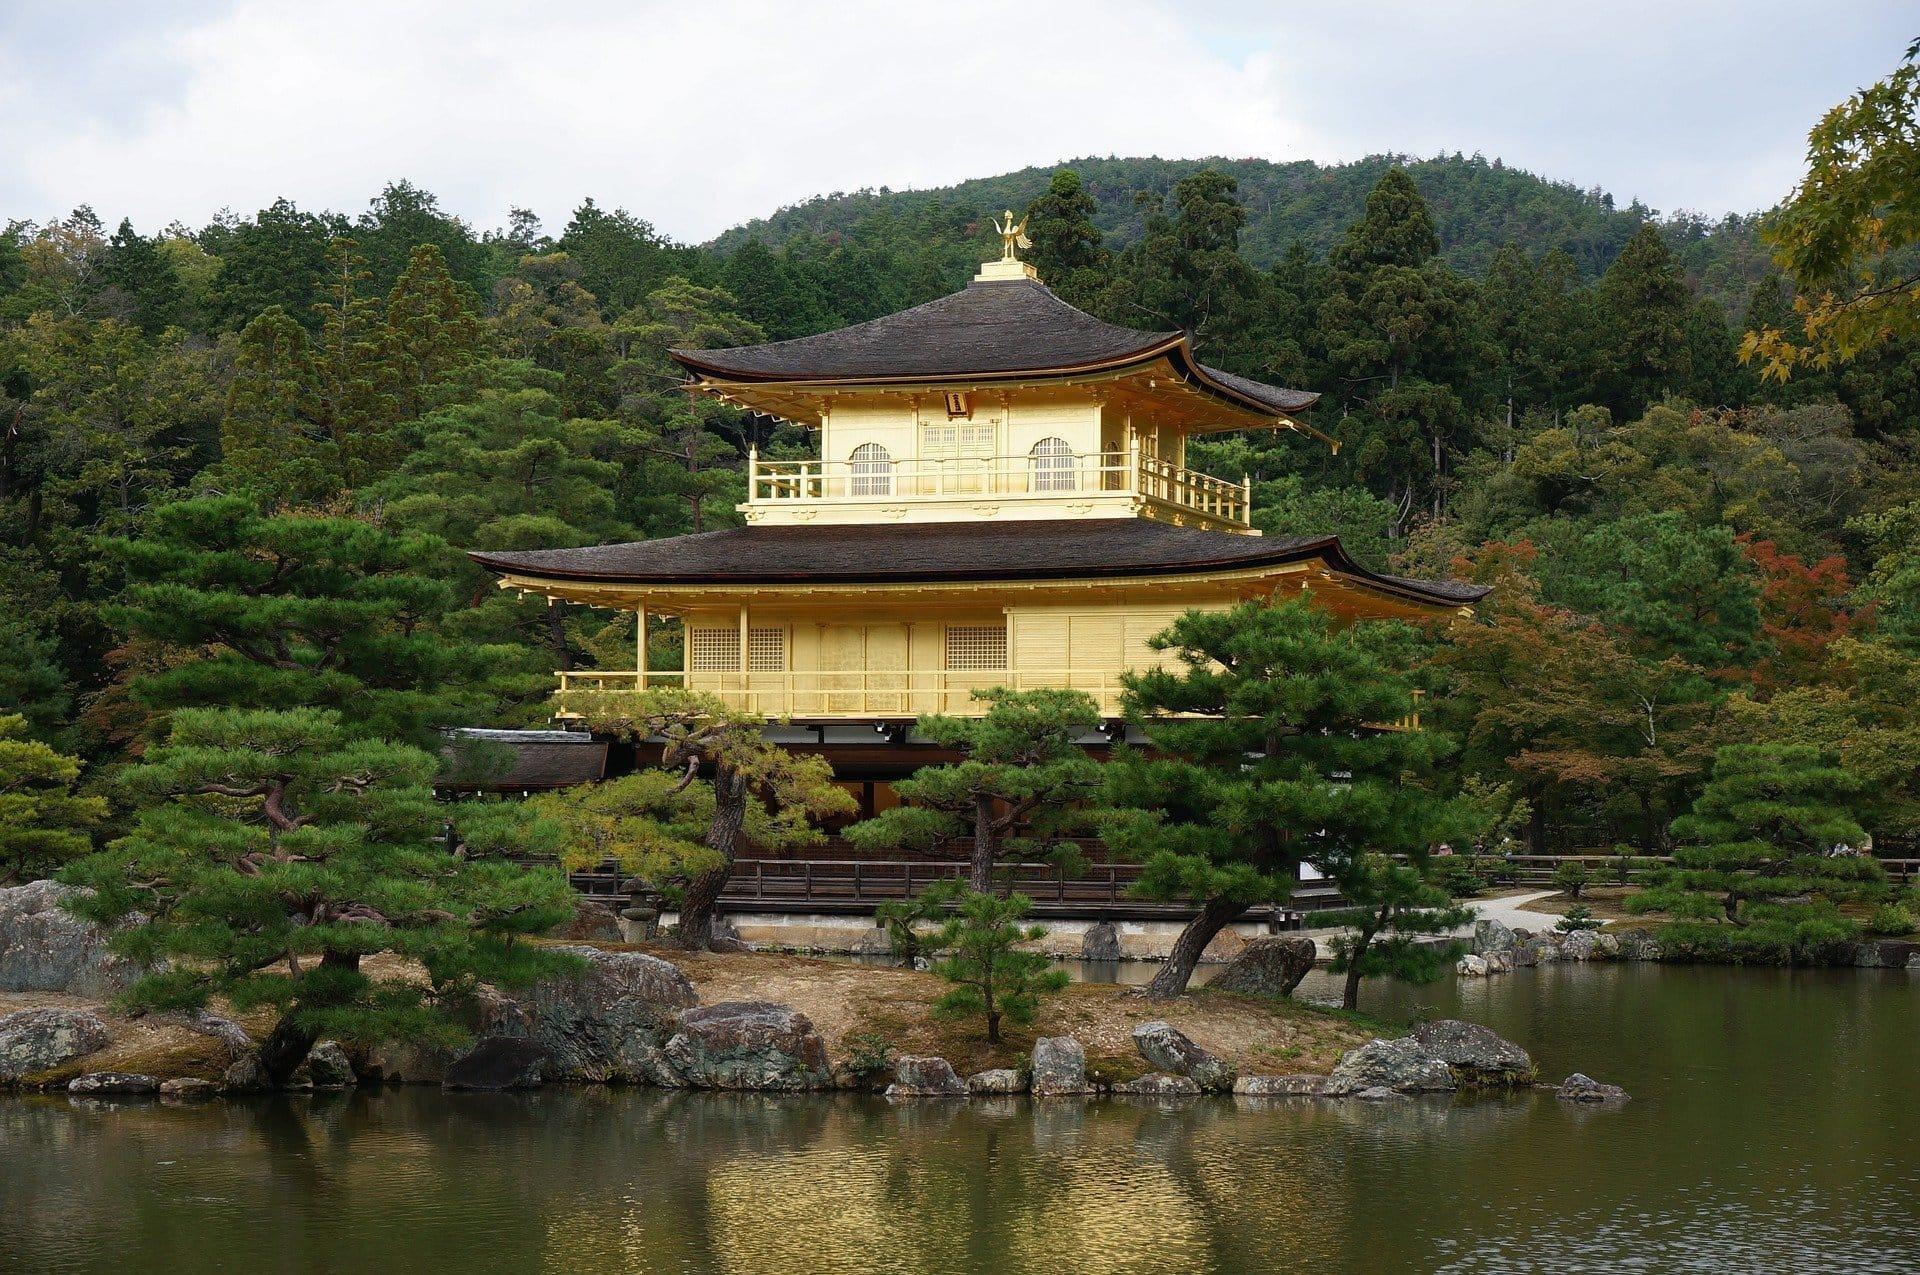 Reisepläne 2017 Japan Kyoto